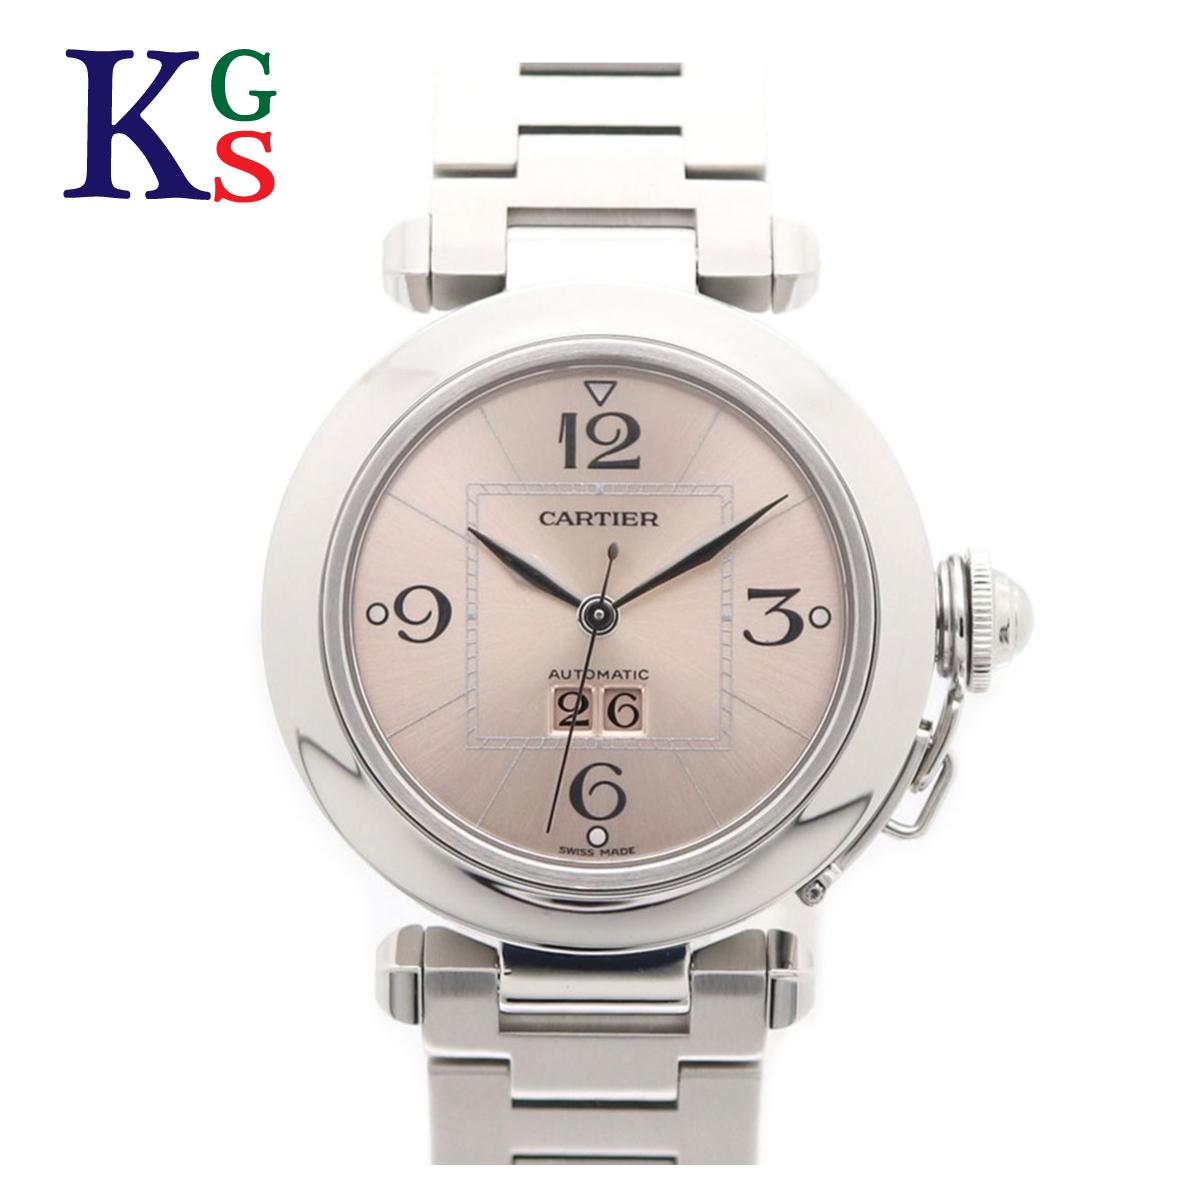 【ギフト品質】カルティエ/Cartier レディース 腕時計 パシャC ビッグデイト ピンク文字盤 ステンレススチール 自動巻き オートマチック W31058M7